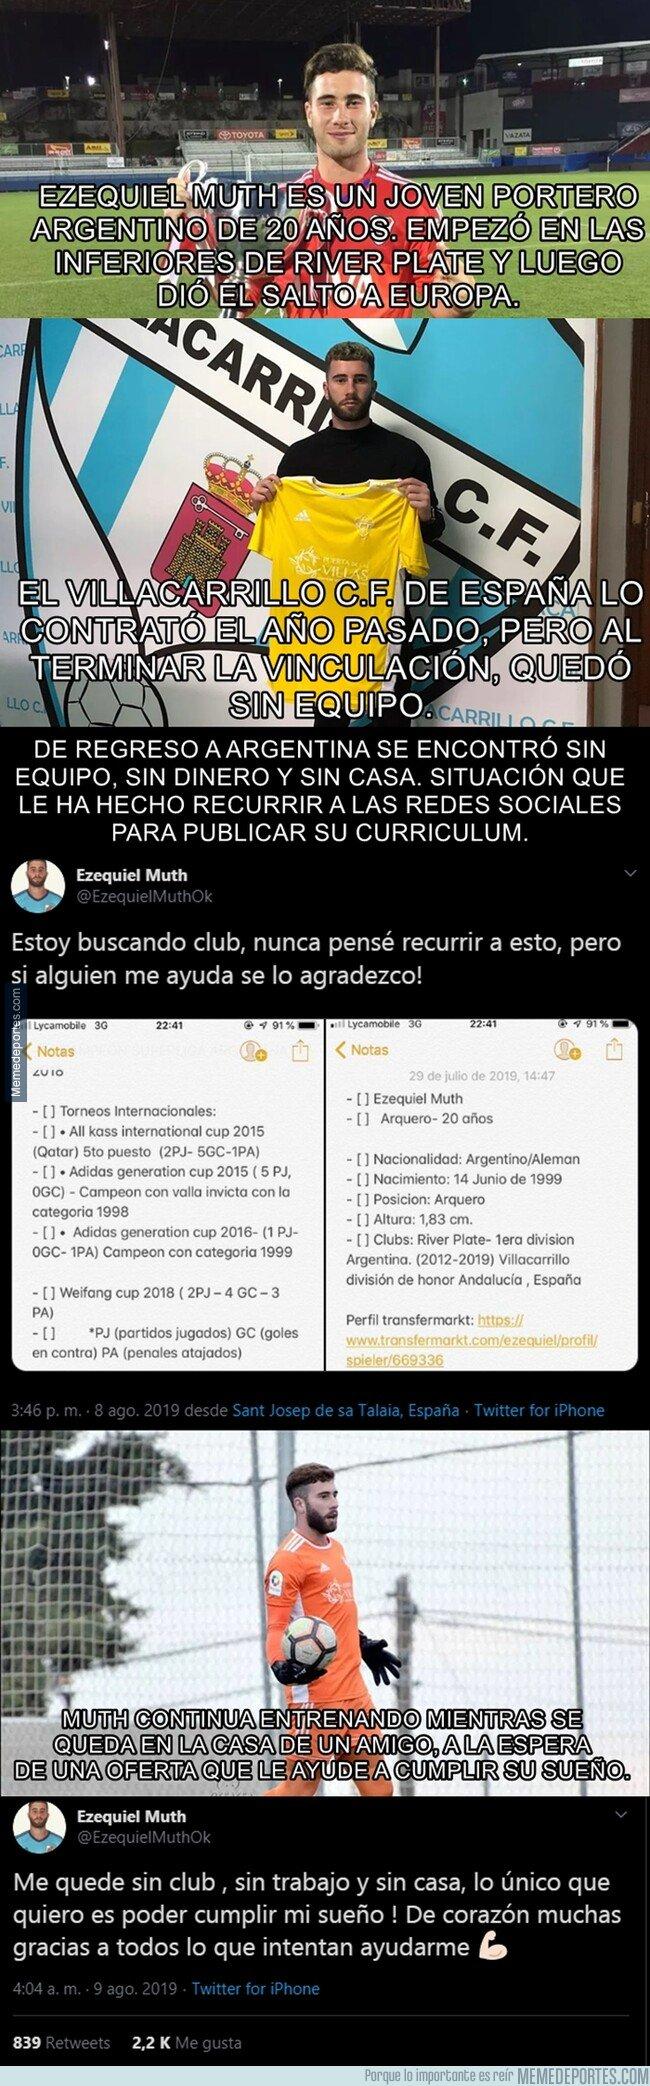 1083159 - El caso de un portero argentino que le tocó pedir ayuda en las redes para buscar equipo